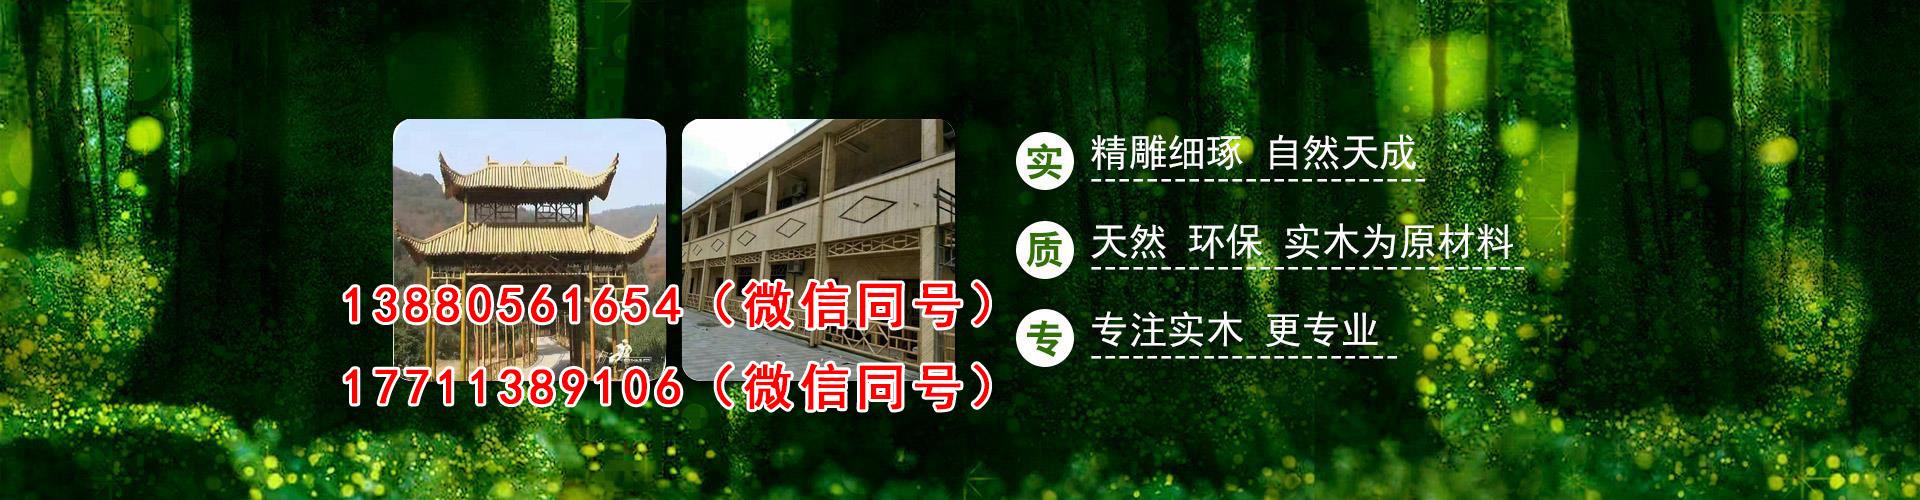 四川竹建筑